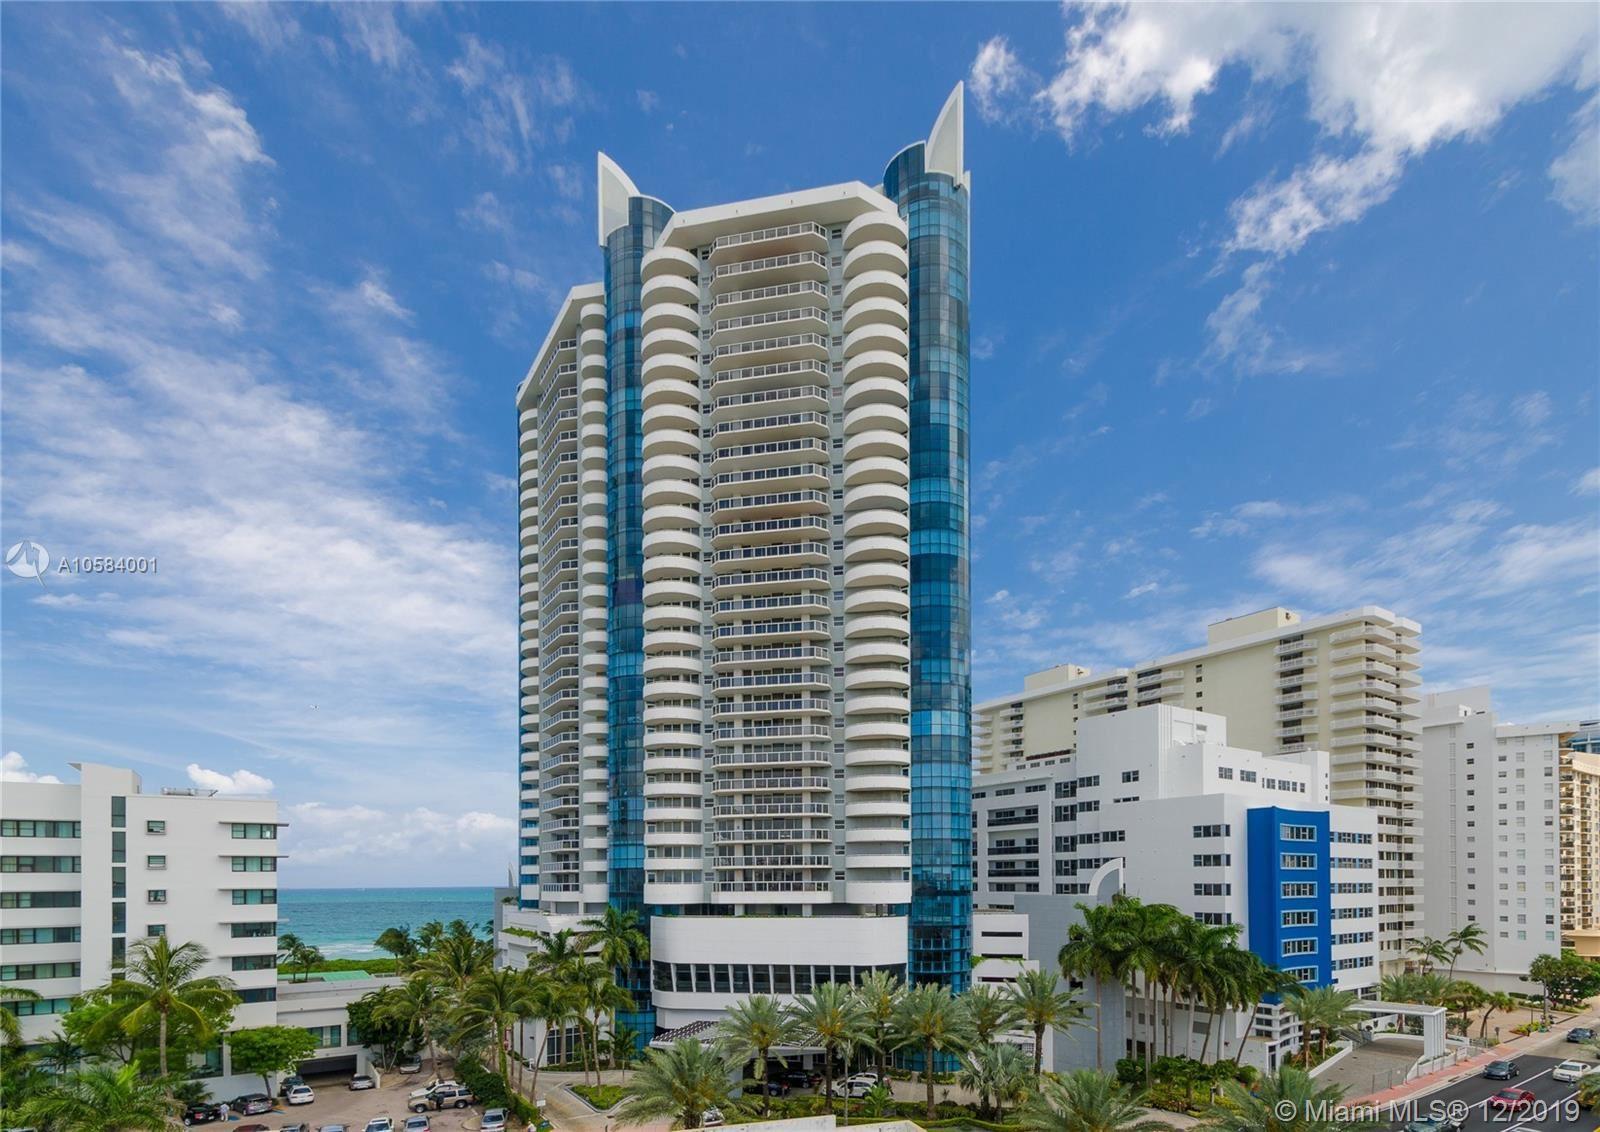 6301 Collins Ave #1704, Miami Beach, FL 33141 - #: A10584001